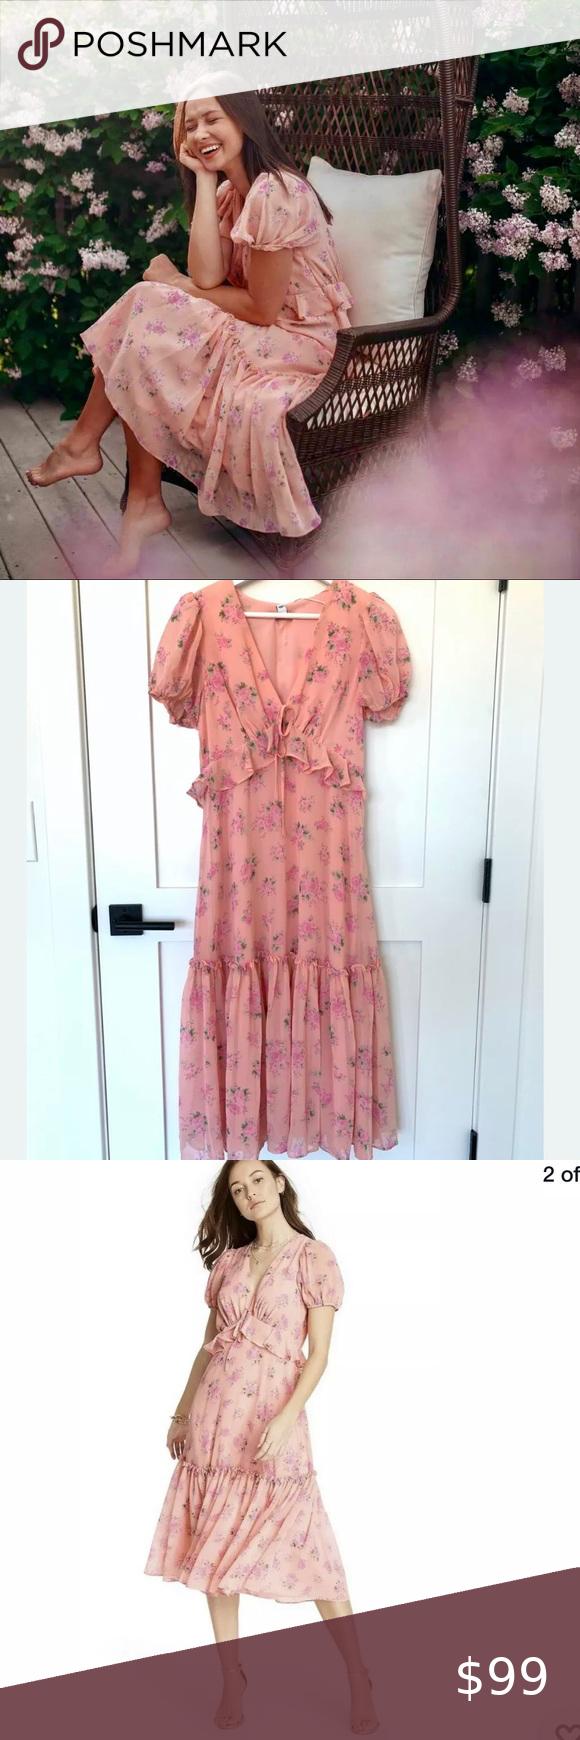 Loveshackfancy Fleur Dress Target Pink Size 4 S M Target Dresses Dresses Dress Gift [ 1740 x 580 Pixel ]